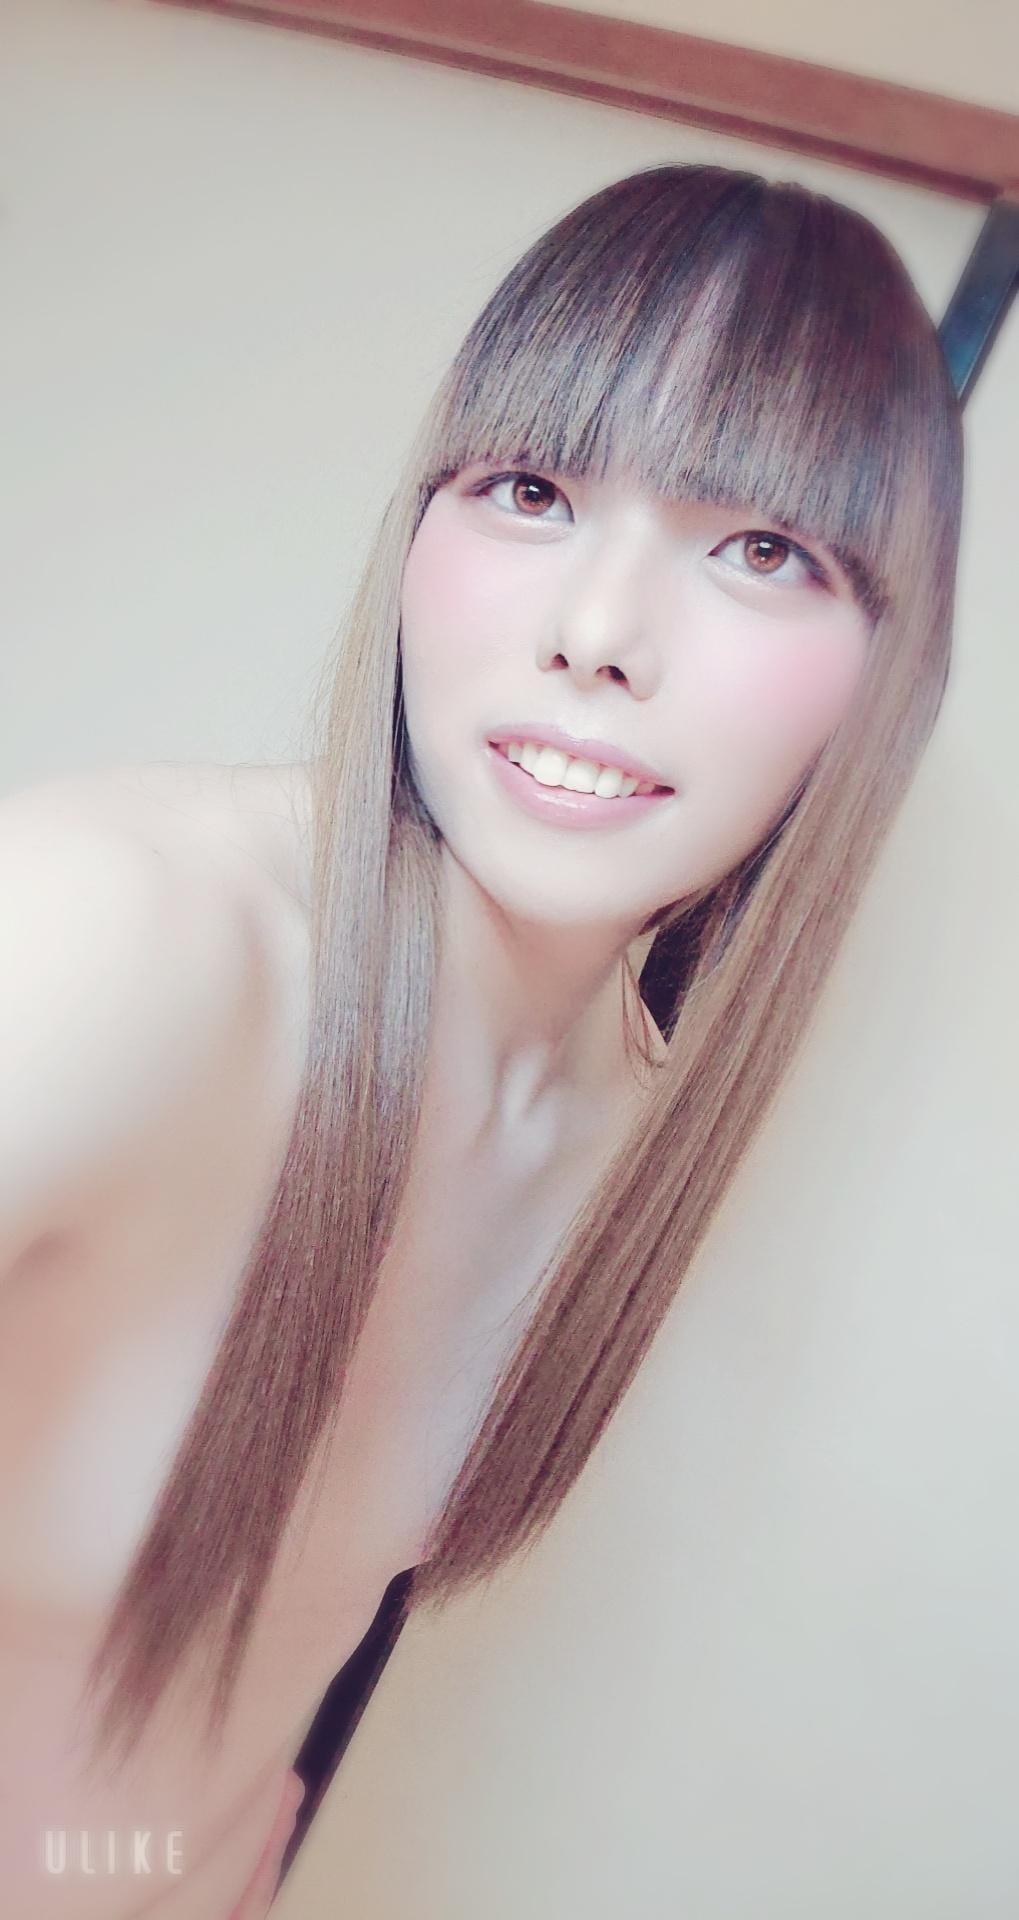 「ブラ要らないかな?」02/08(02/08) 10:36 | 天使翼の写メ・風俗動画